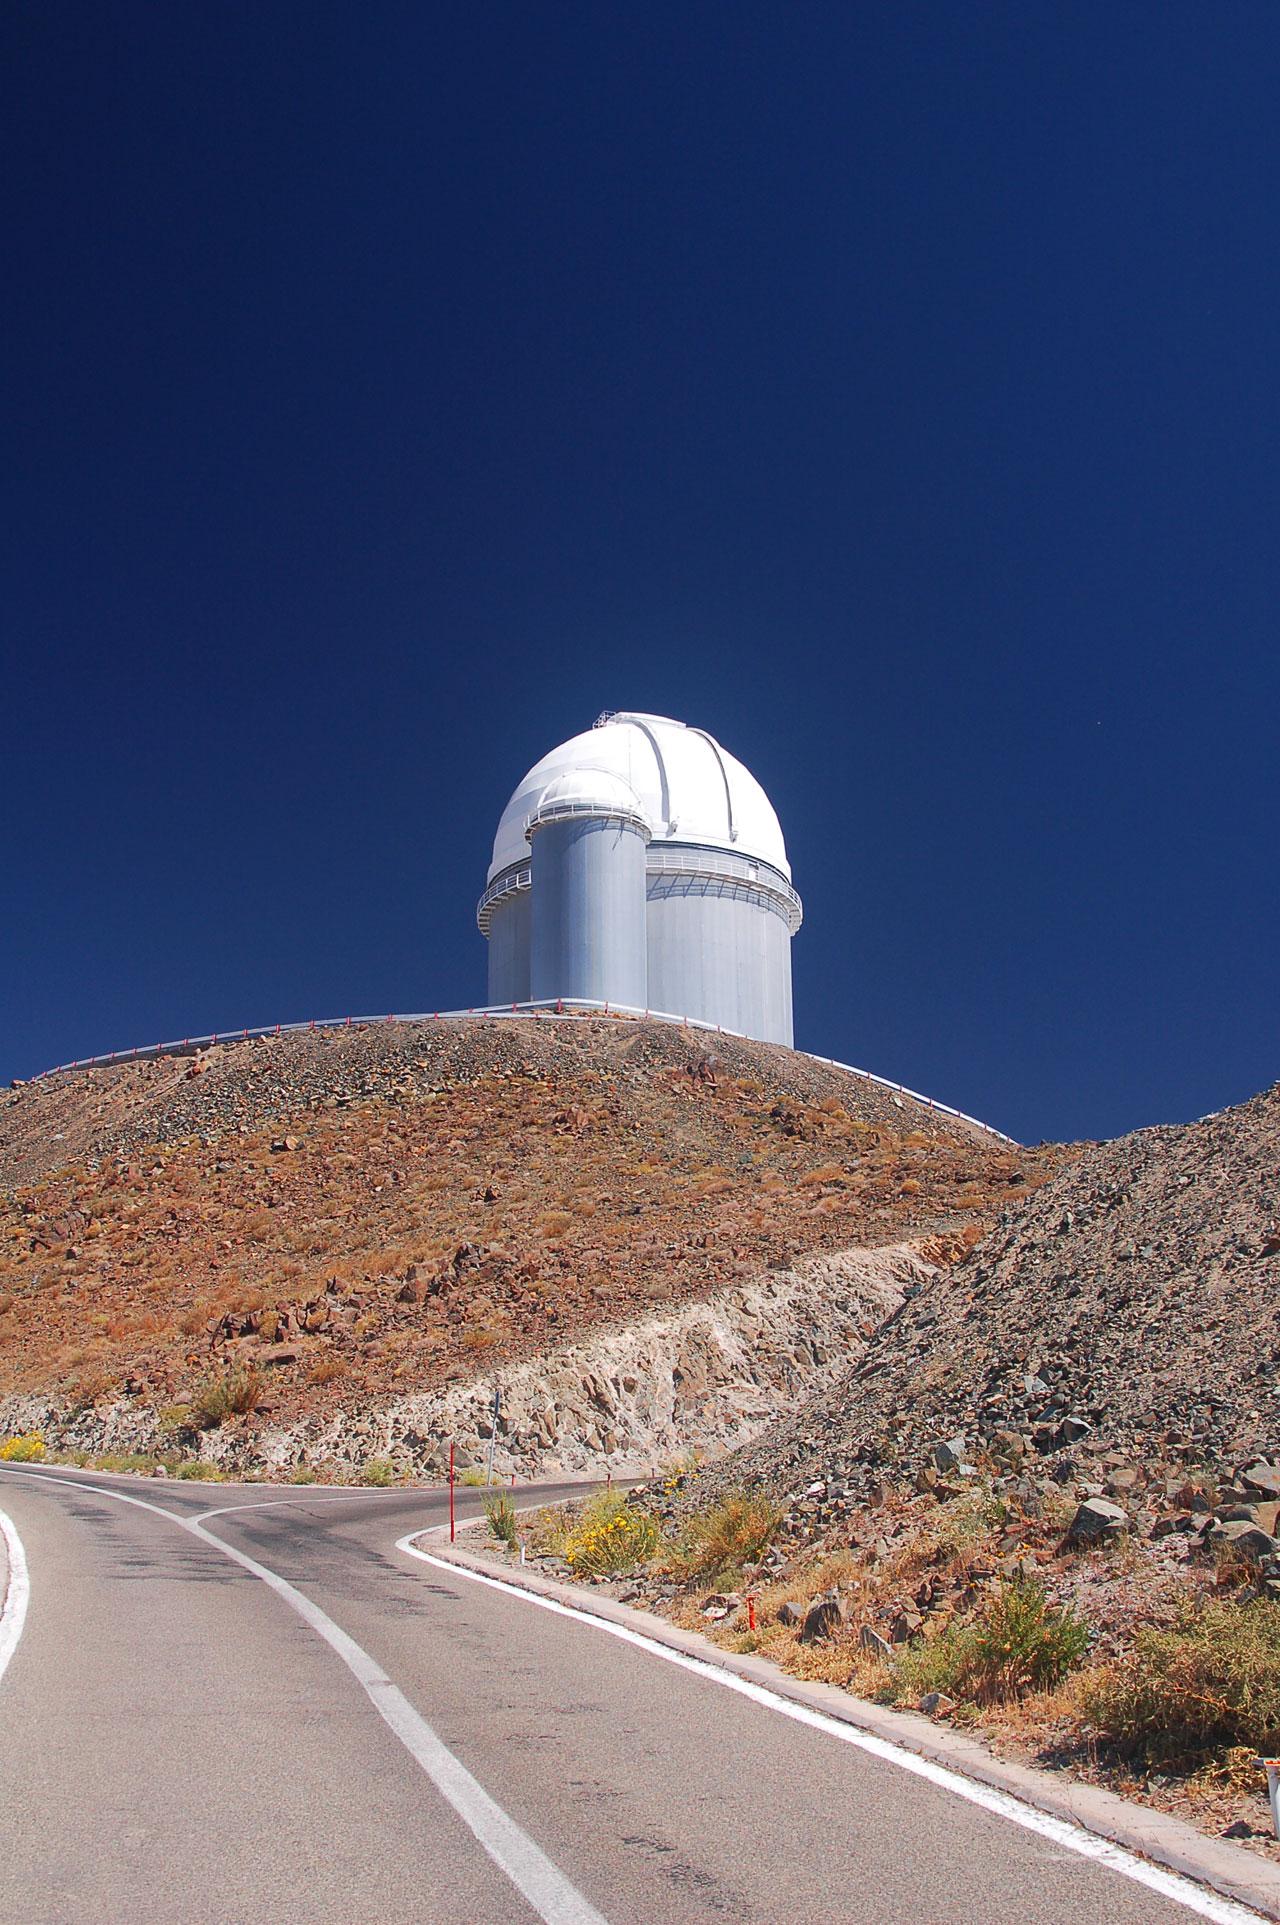 ESO 3.6-metre Telescope at La Silla